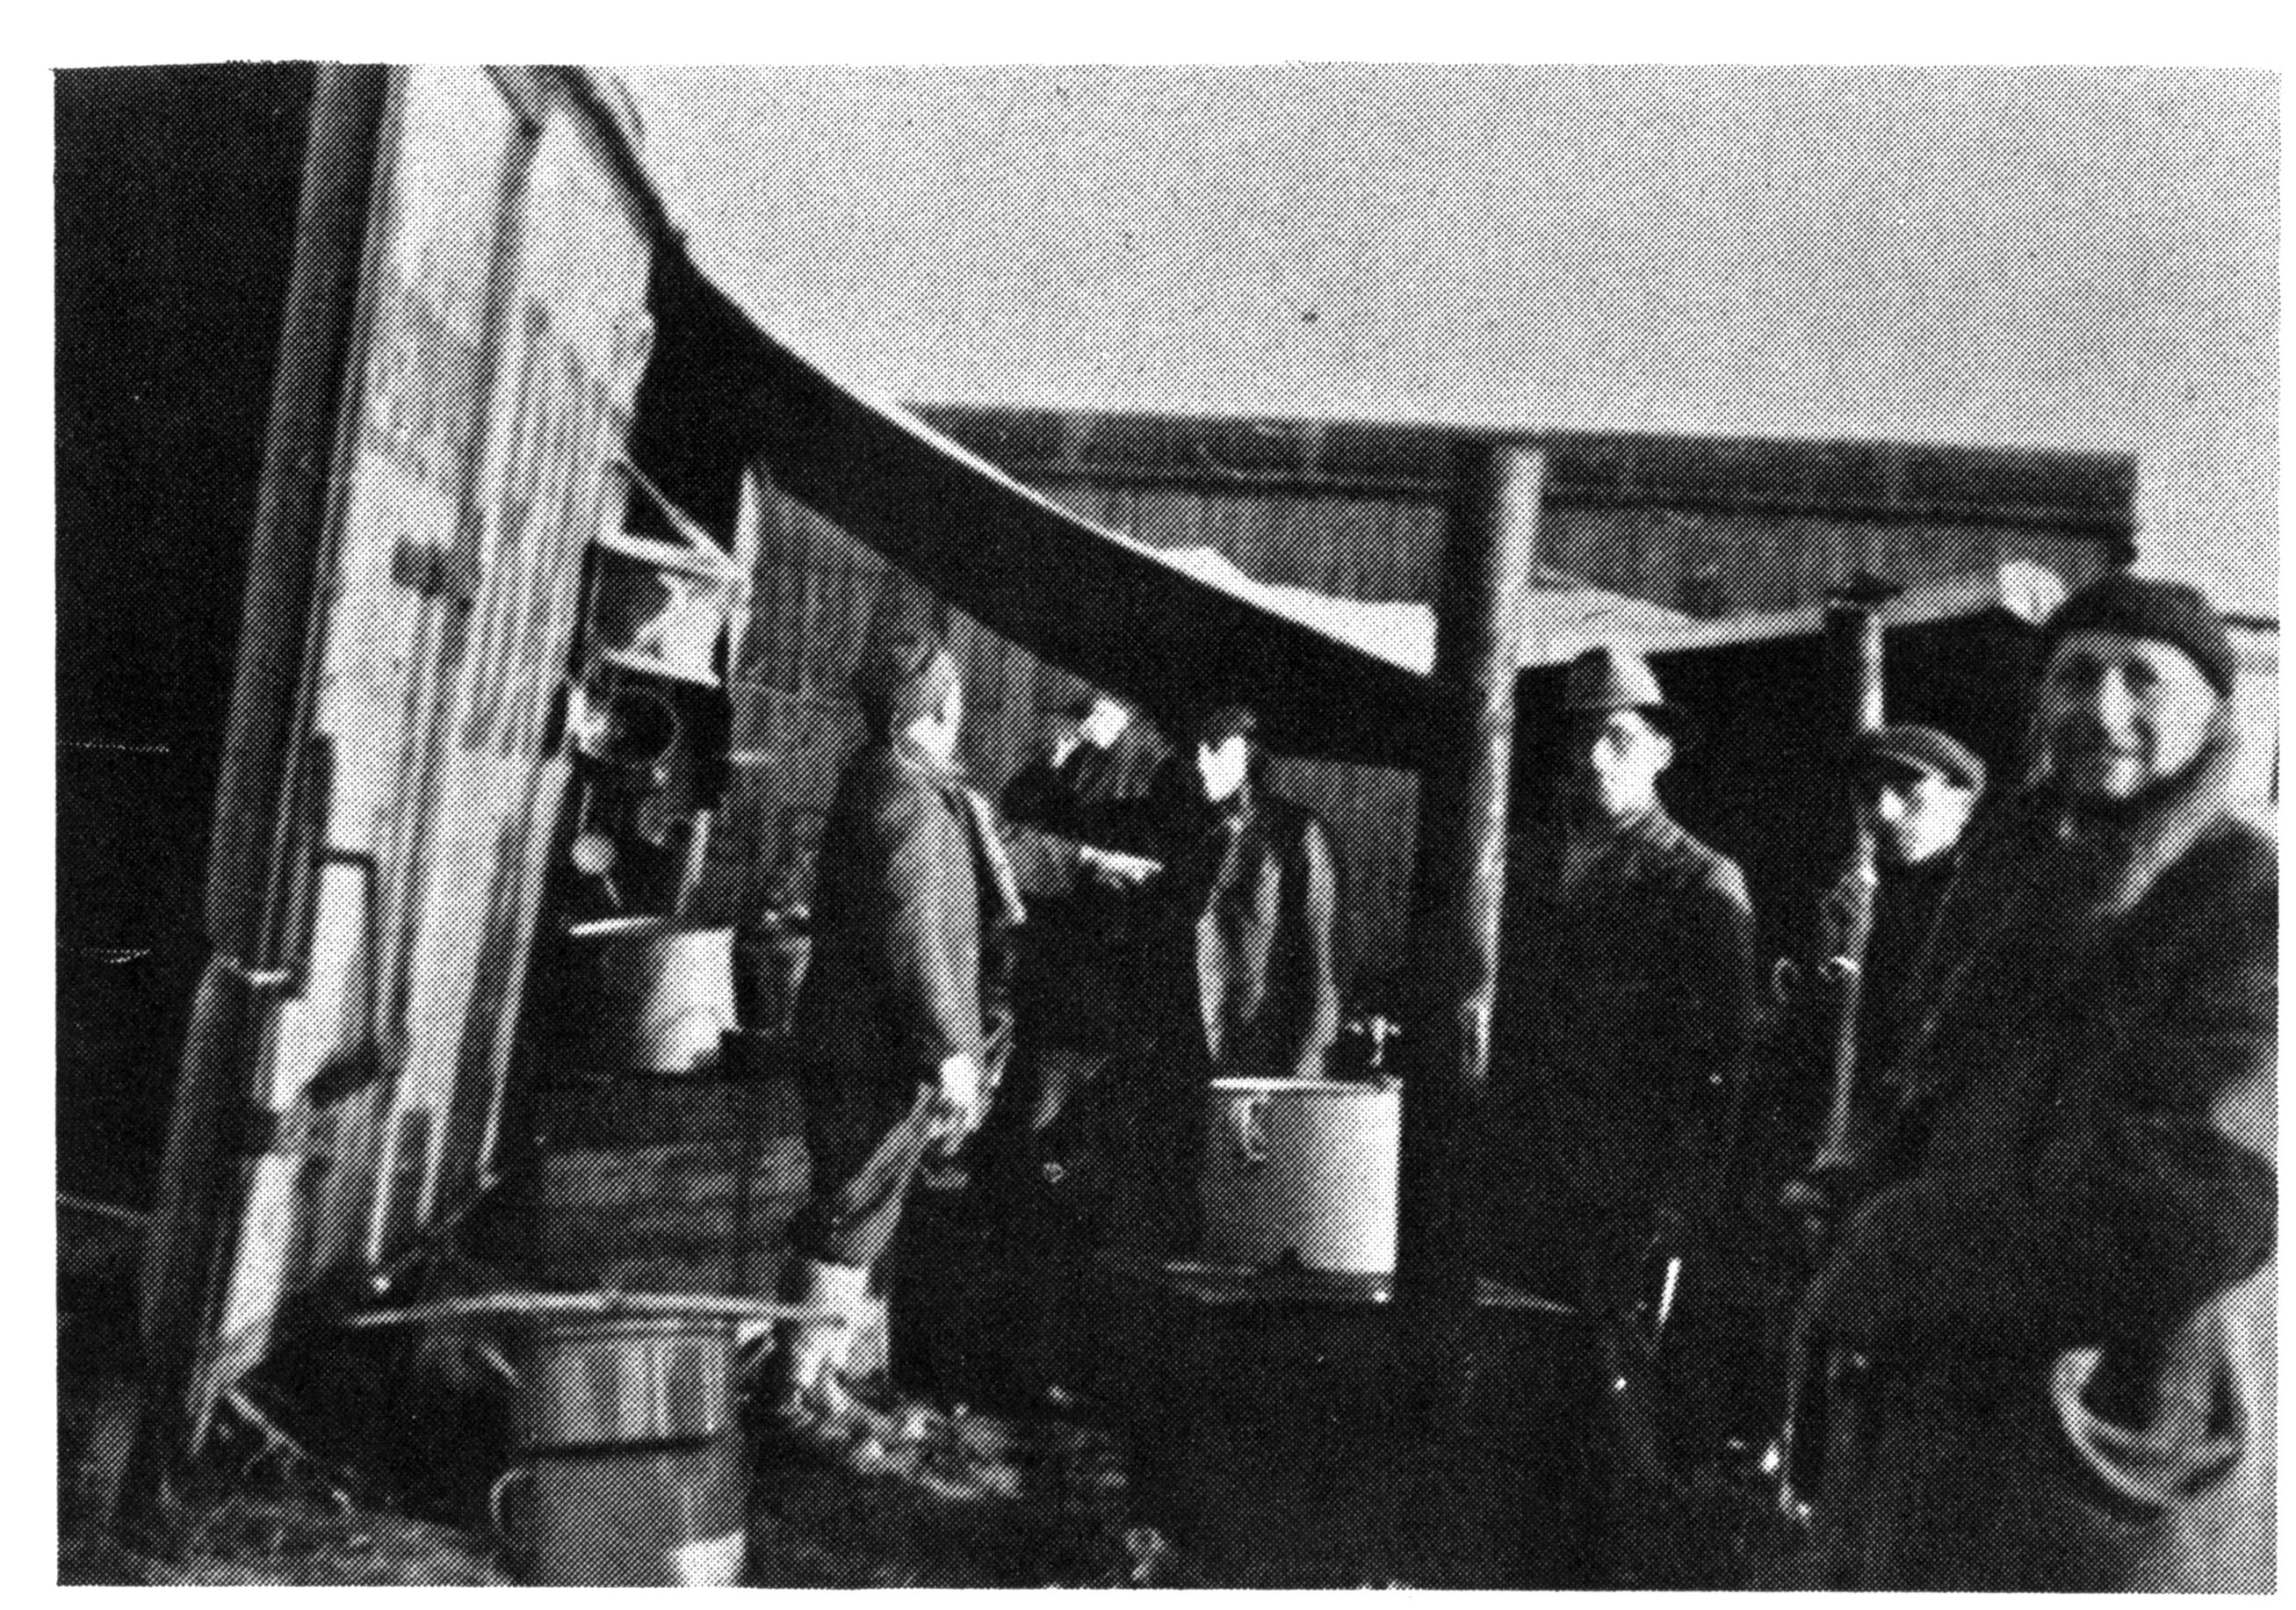 Provizórny utečenecký tábor na území nikoho, v okolí dnešných Nových Košarísk. Zdroj - Archív Martina Mózera